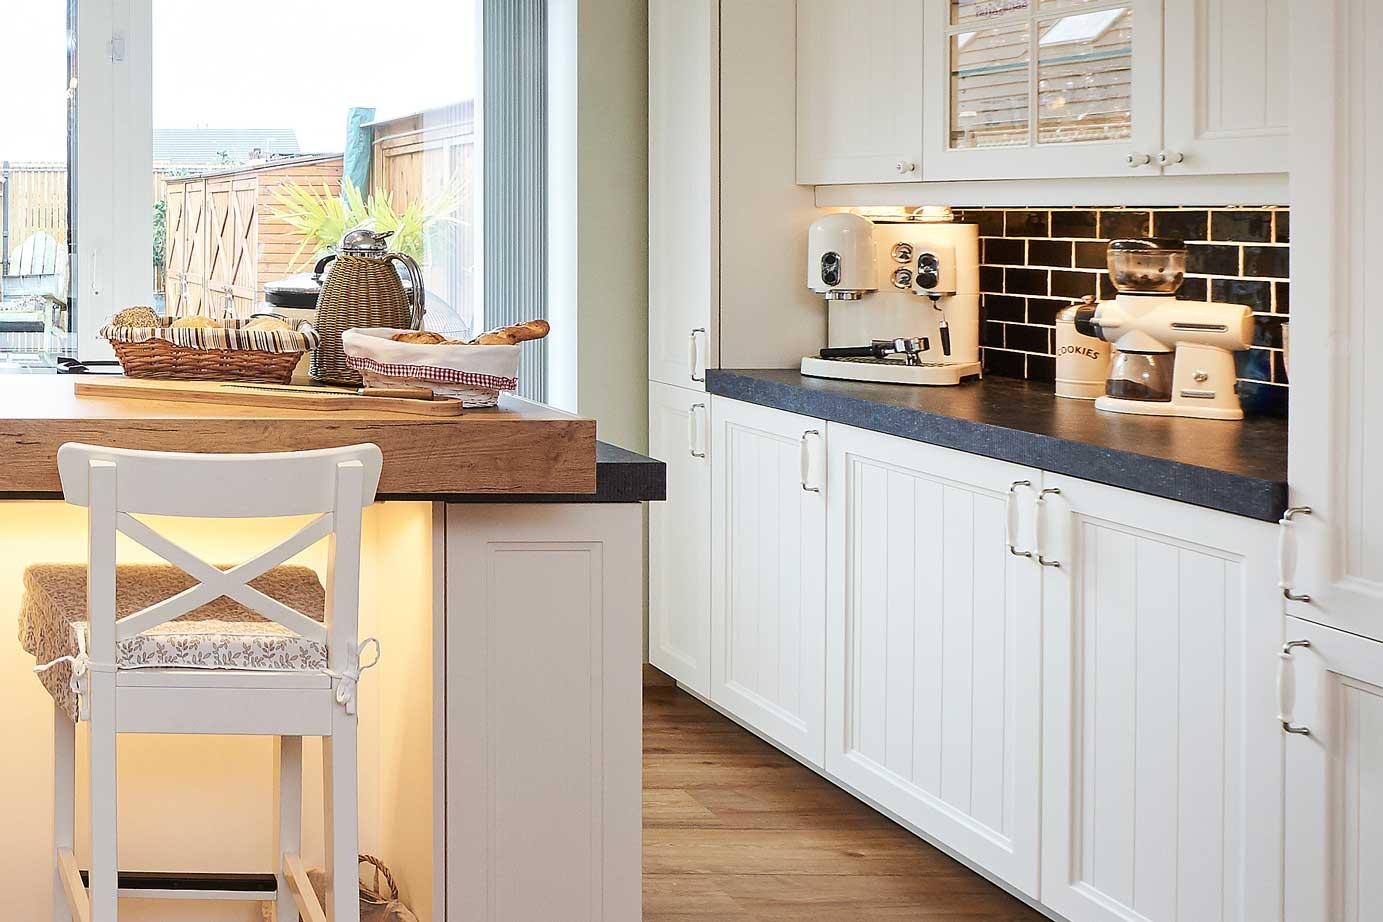 keuken tegels landelijke stijl : Landelijke Keuken Taupe Good Keller Keukens With Landelijke